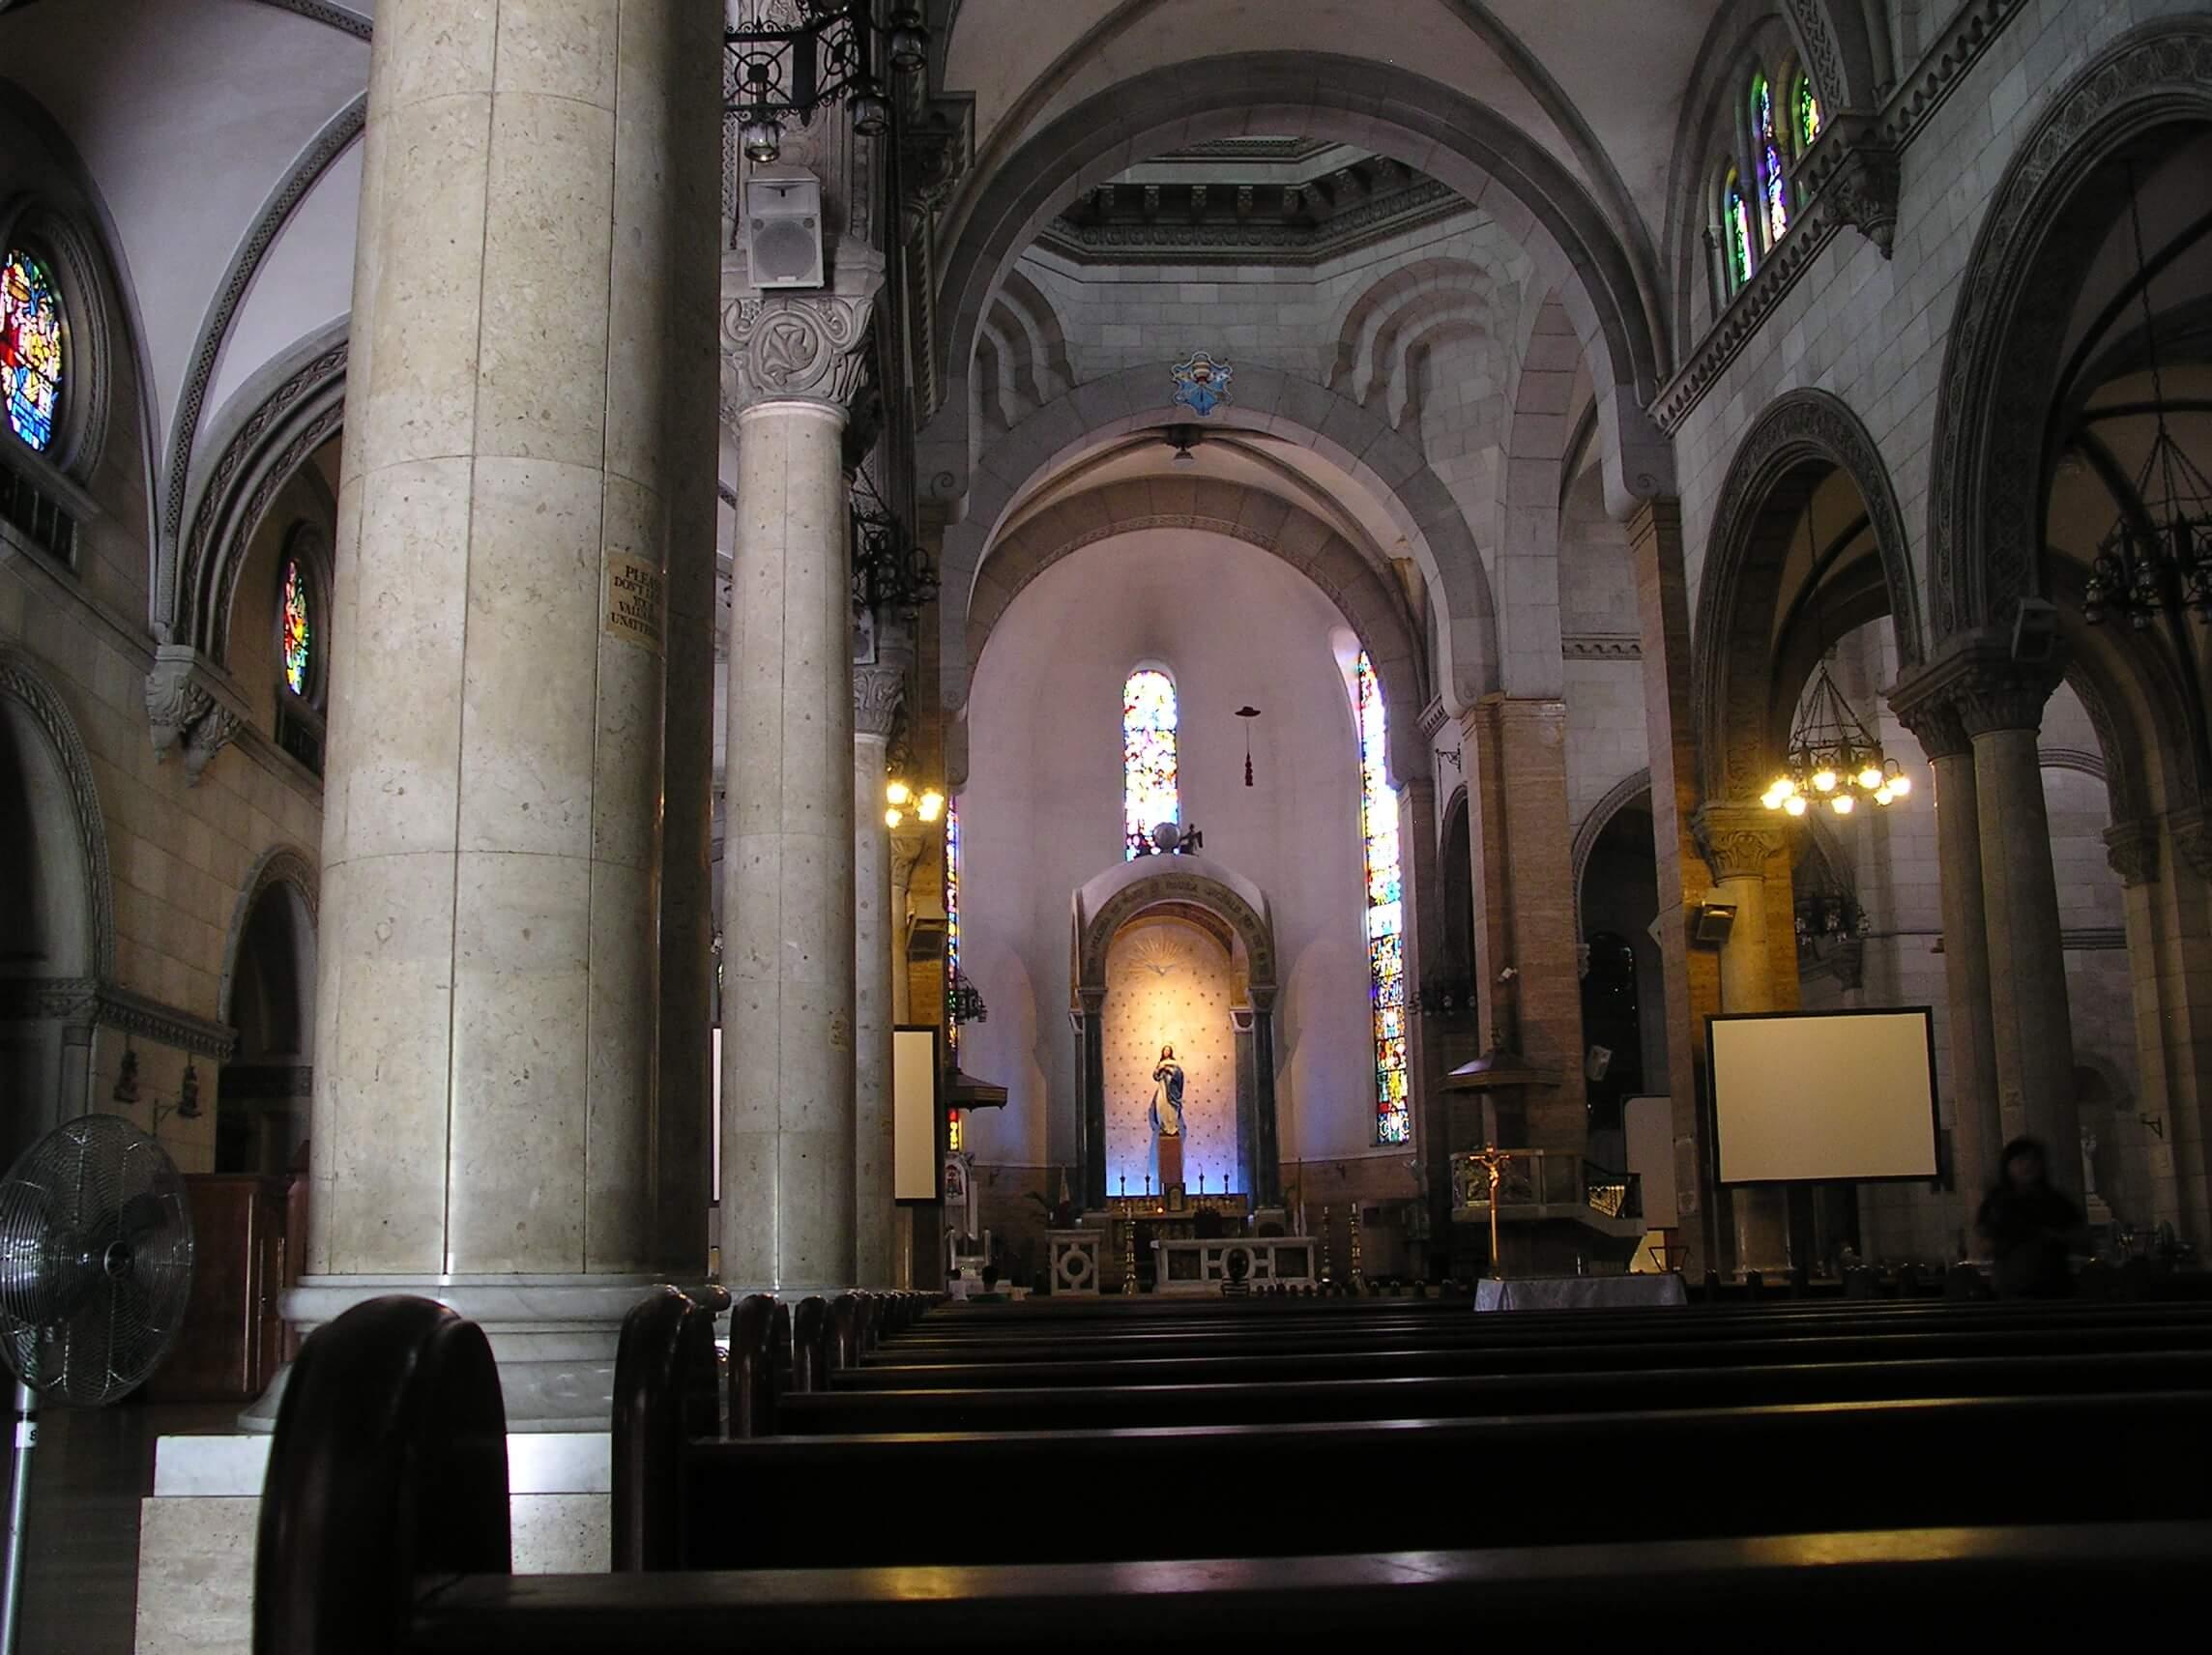 Que ver, hacer y visitar en Catedral Basílica Metropolitana de la Inmaculada Concepción